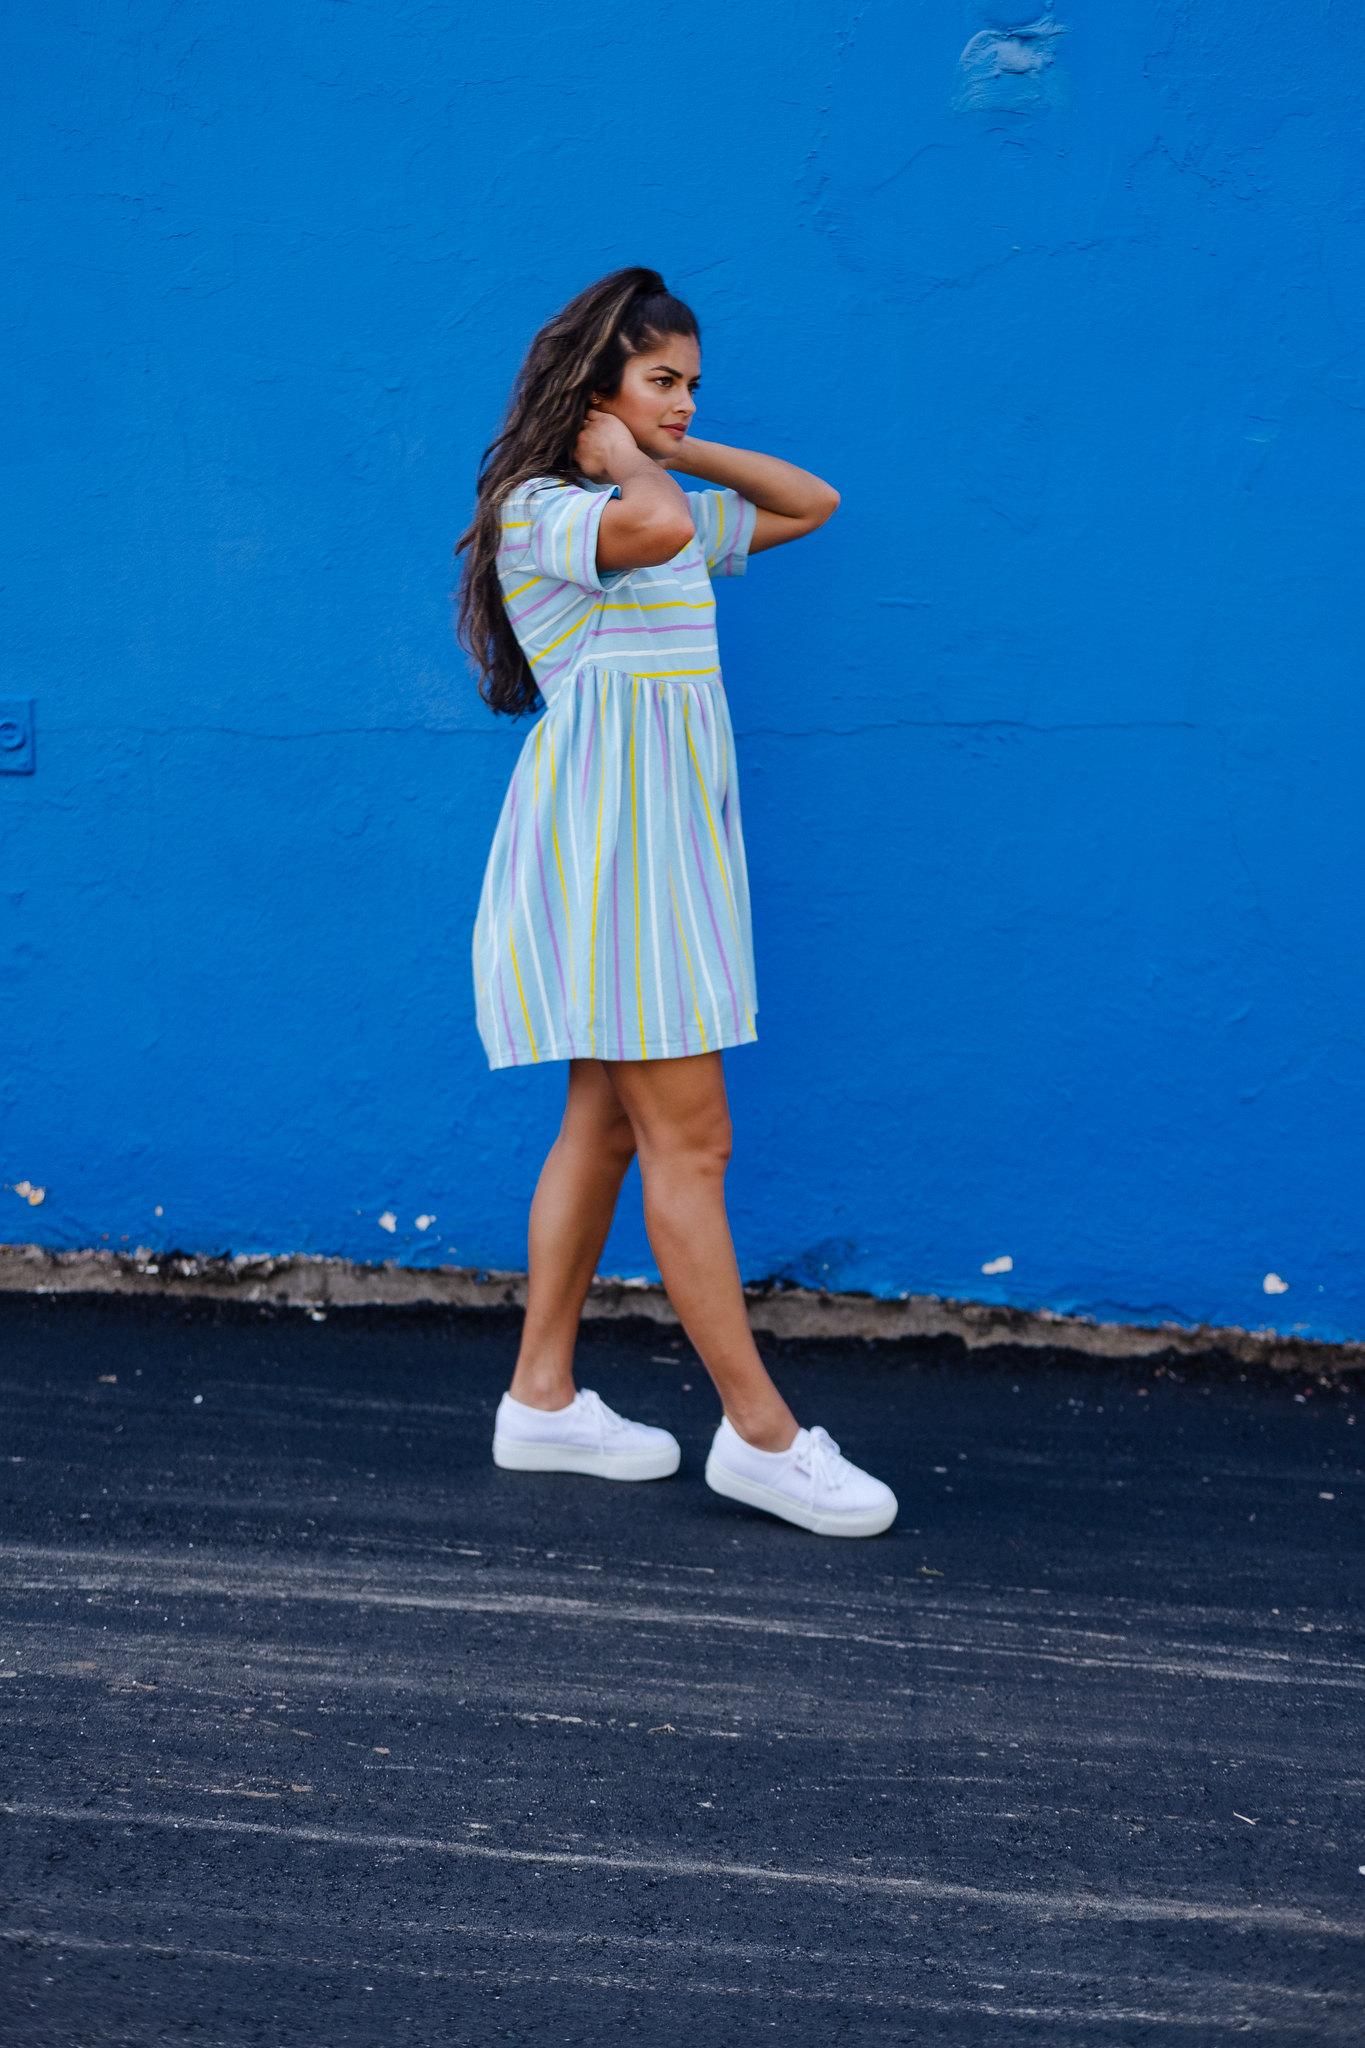 Fall 2018 outfit formula, Priya the Blog, Nashville fashion blog, Nashville fashion blogger, Nashville style blog, Nashville style blogger, platform Supergas, platform Superga trainers, smock dress for Fall, babydoll dress for Fall, babydoll dress with platform sneakers, how to wear platform sneakers, Fall outfit with babydoll dress, ASOS smock dress